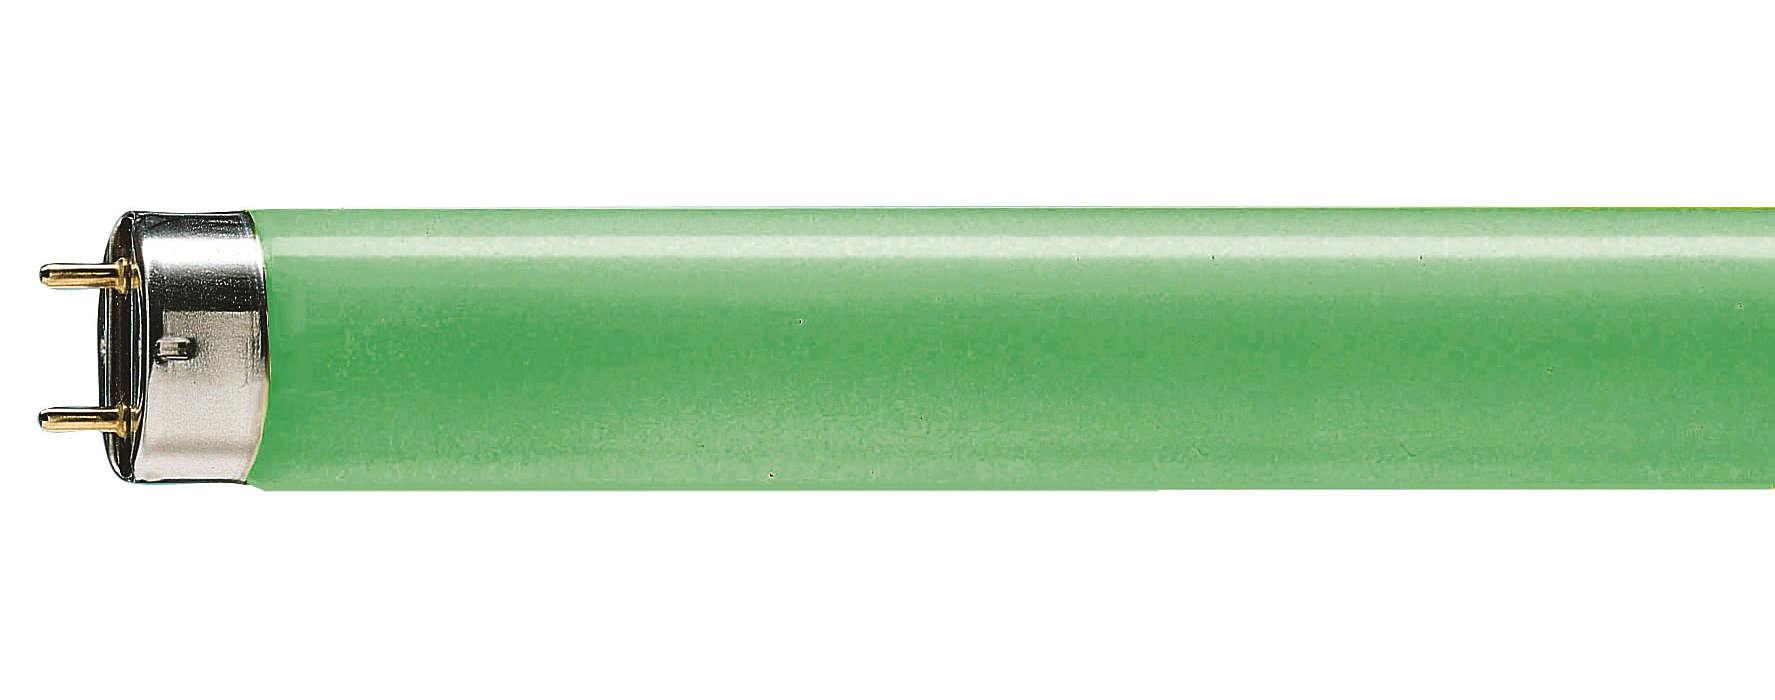 Éclairage fluorescent rouge, vert et bleu